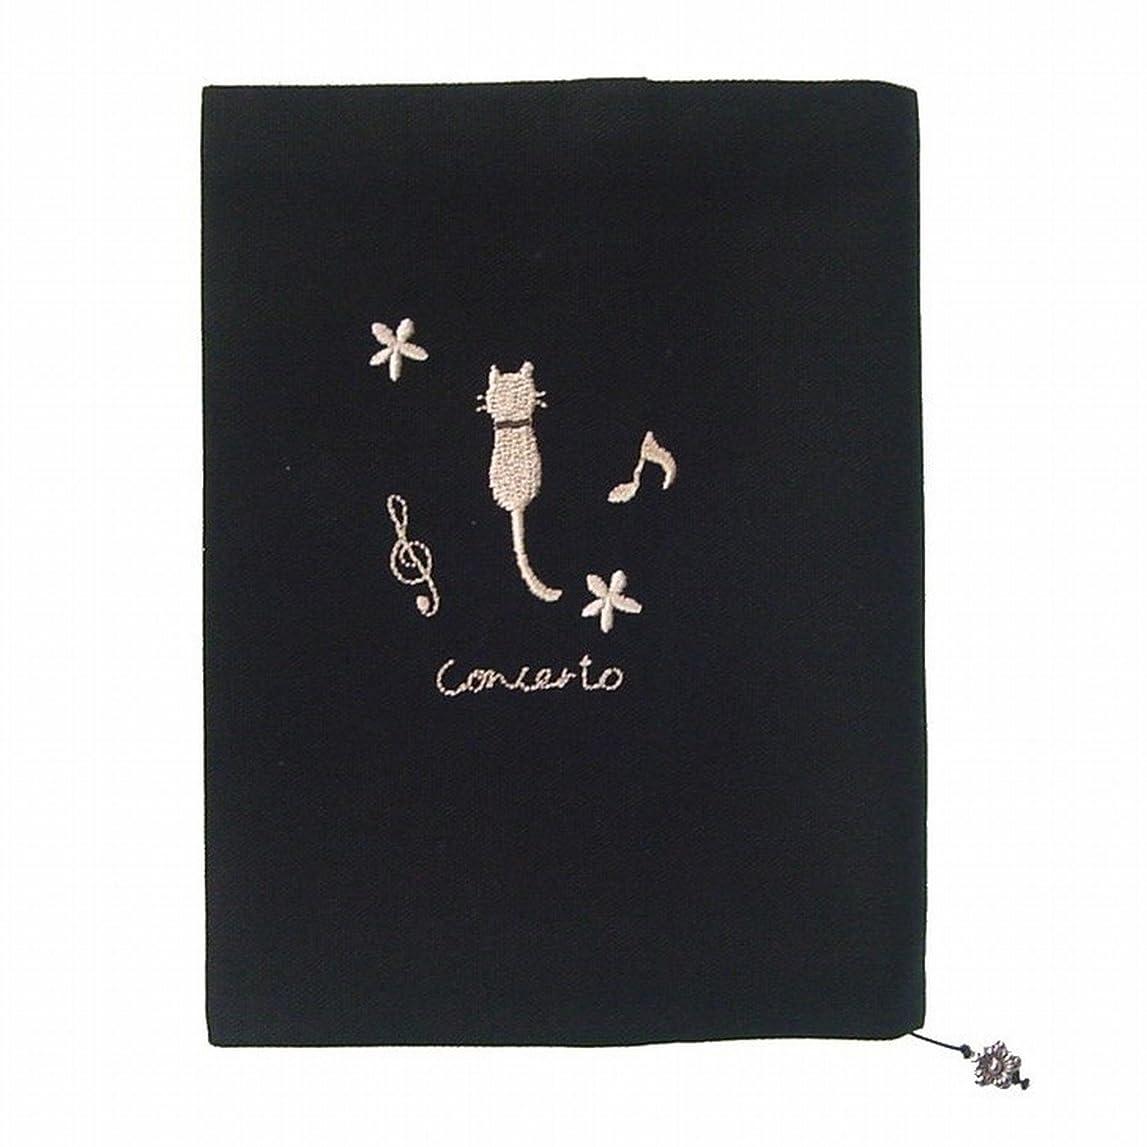 ピット変えるベッドを作るDON HIRANO ドン?ヒラノ - 音楽柄の猫刺繍ブックカバー #コンチェルト(ブラック 黒)文庫判